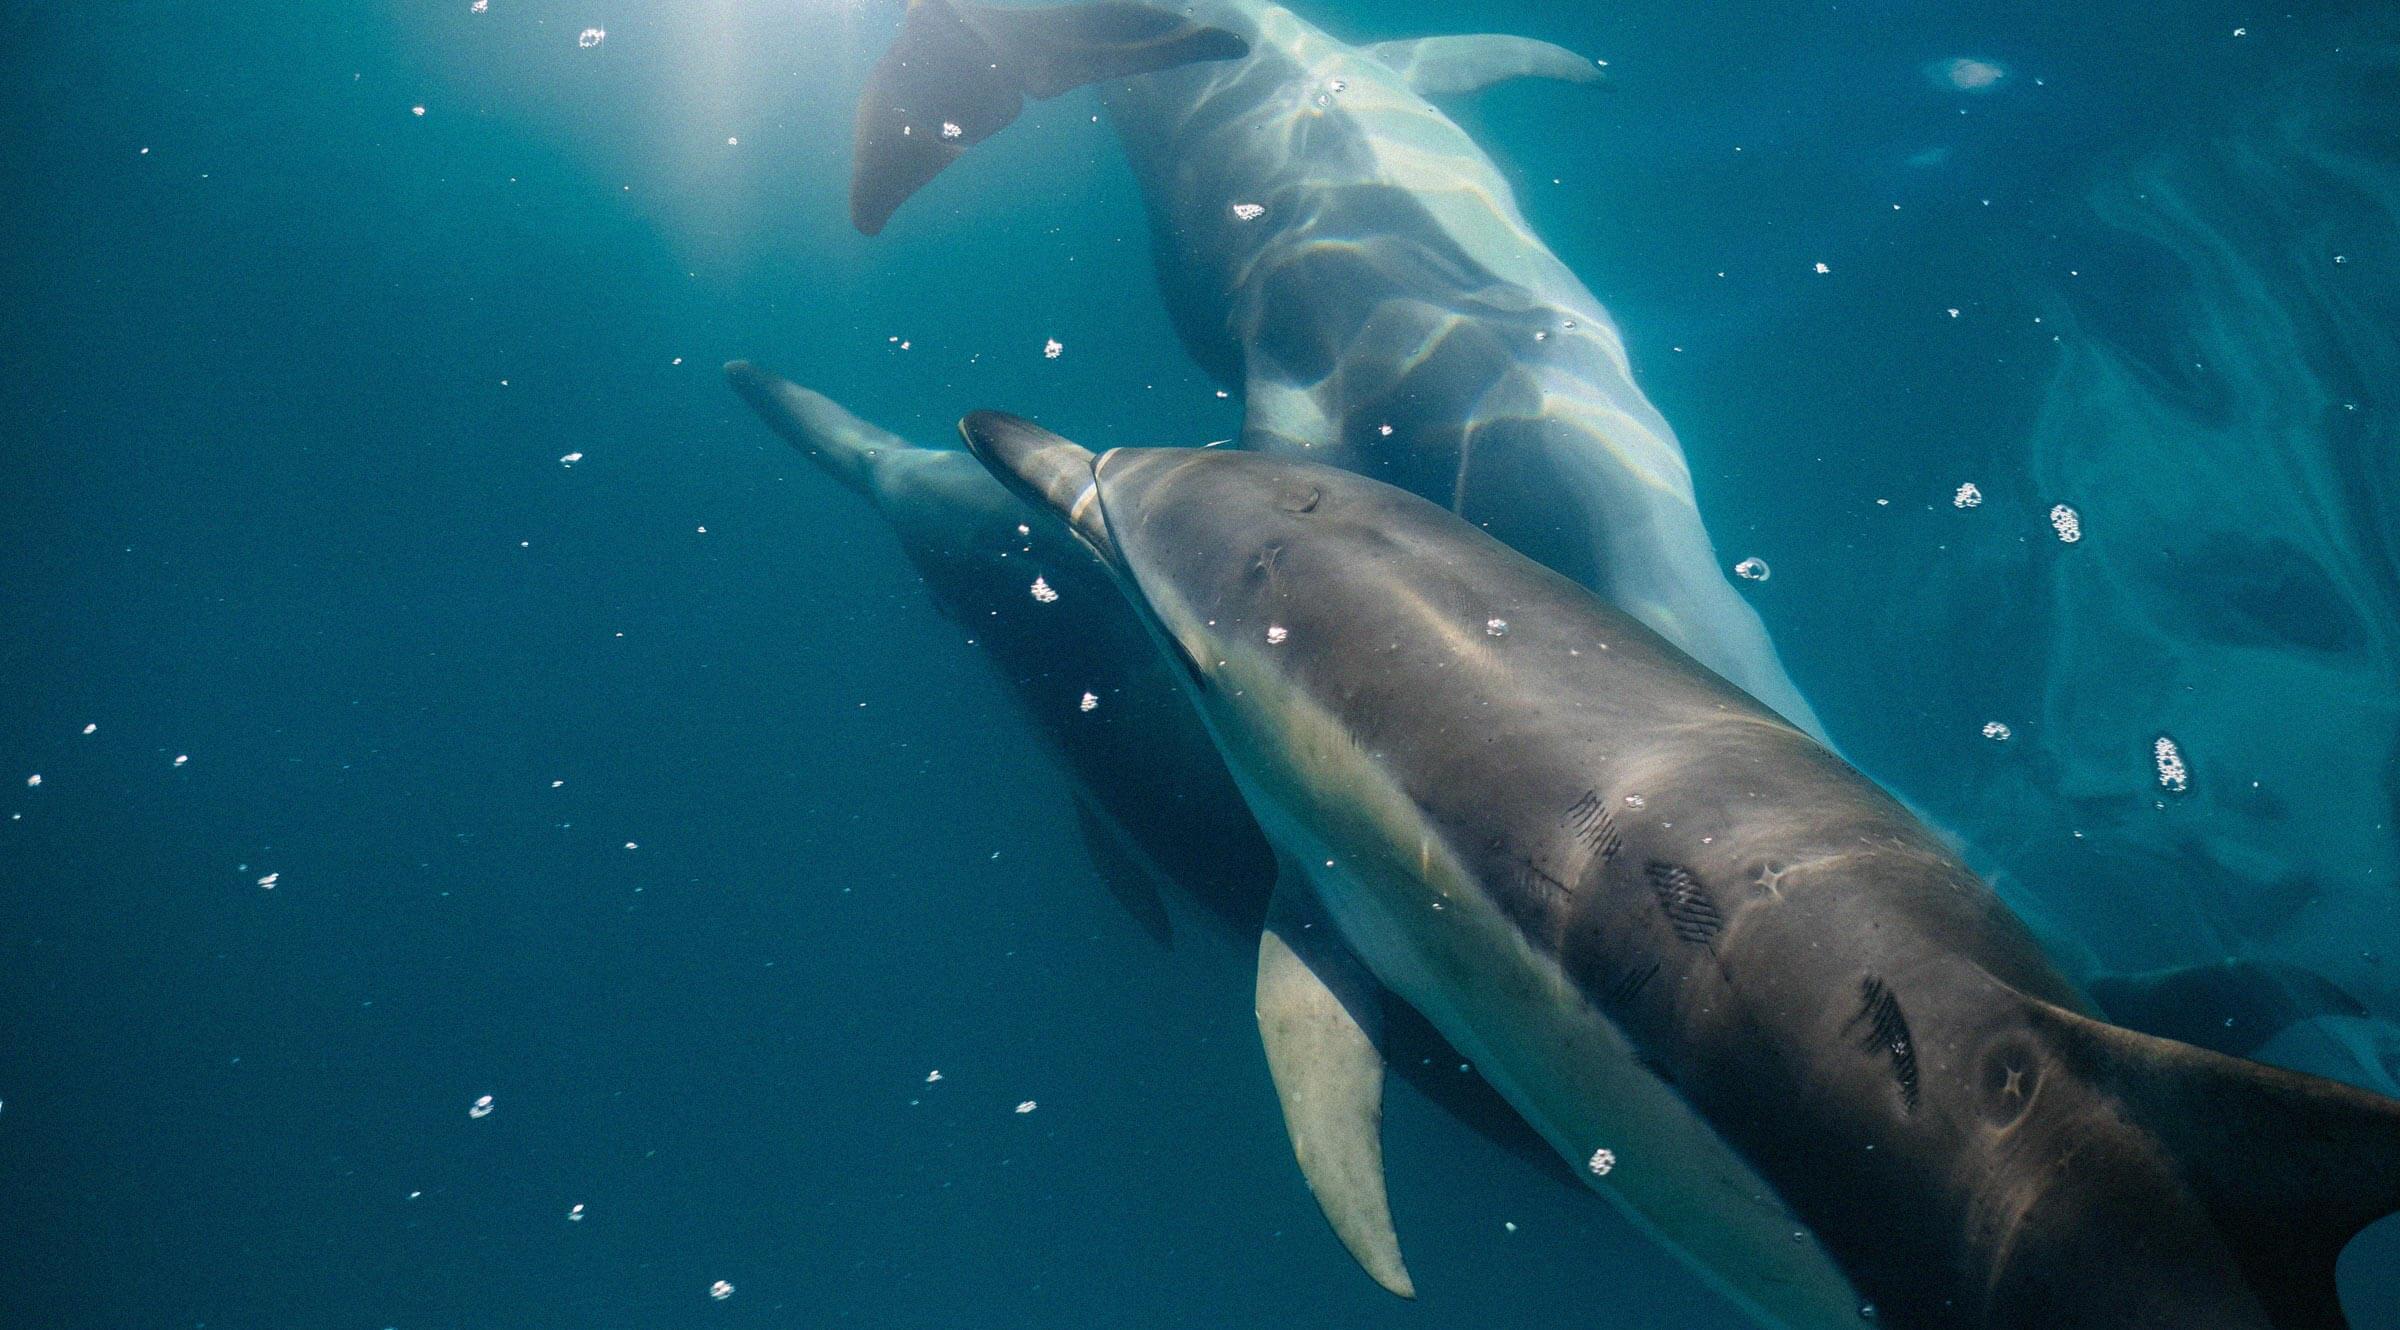 Conservar y gestionar de forma sostenible los océanos, los mares y los recursos marinos